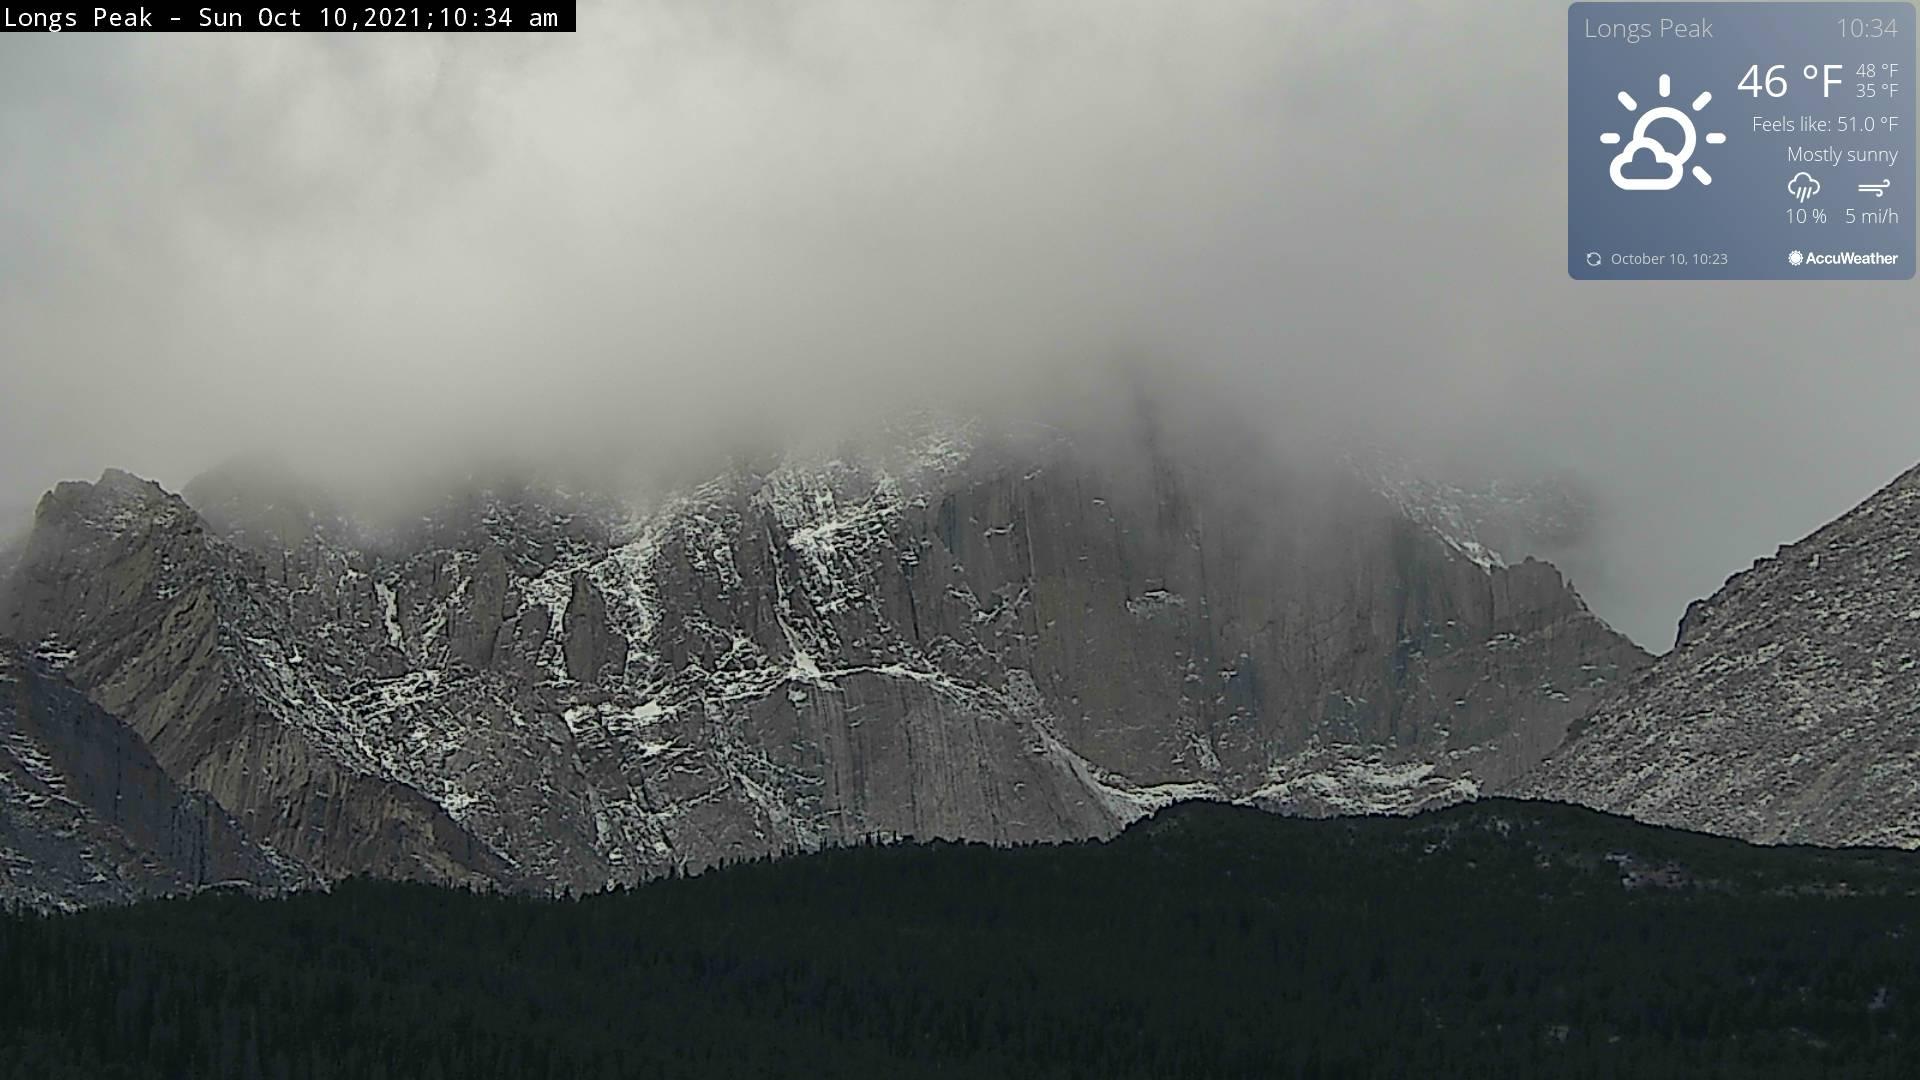 Longs Peak Webcam